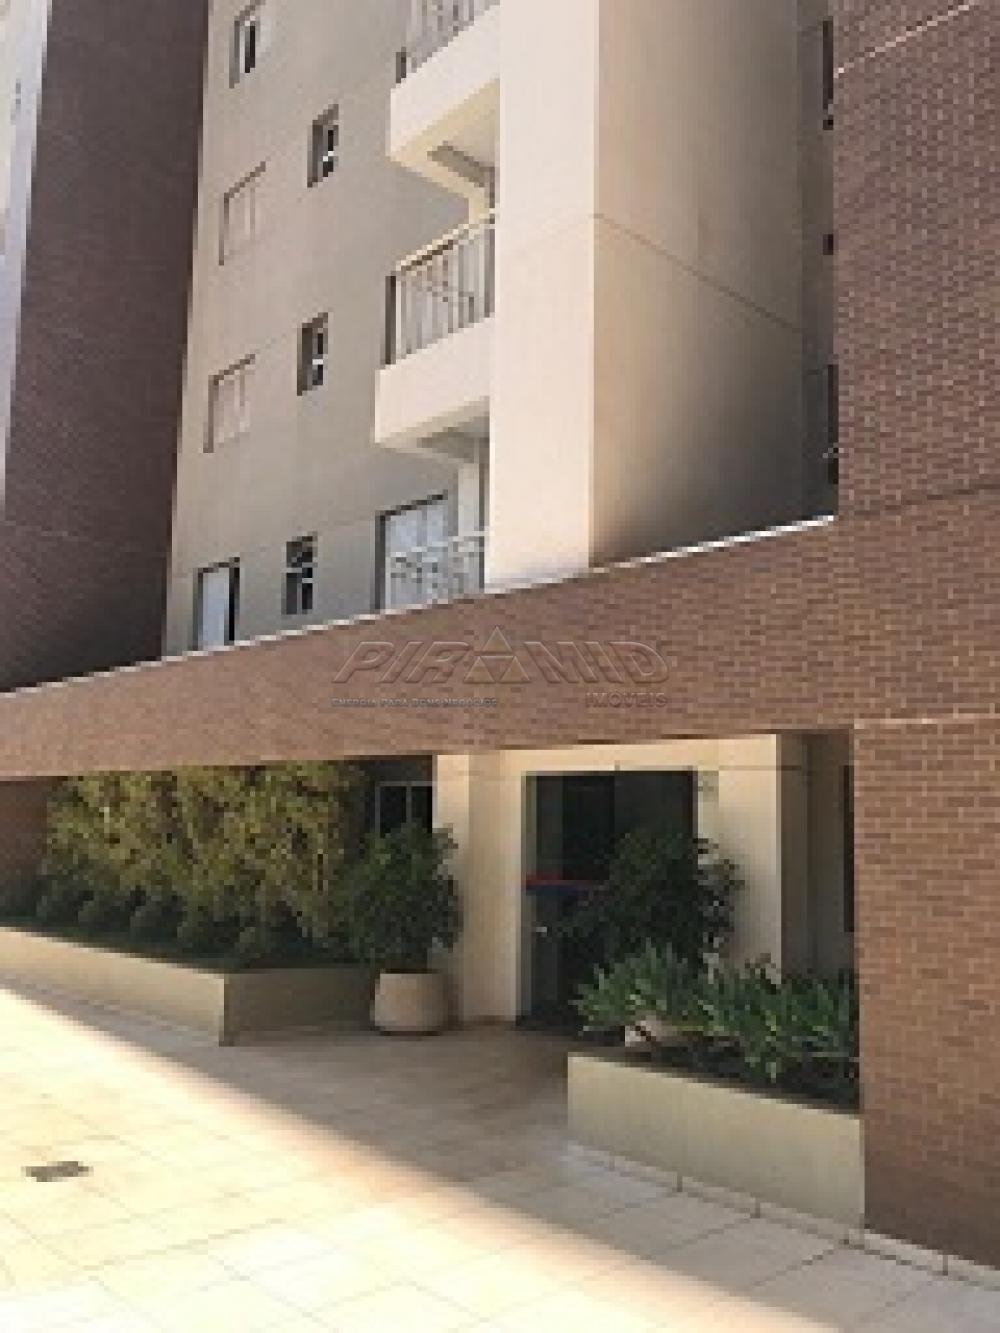 Comprar Apartamento / Padrão em Ribeirão Preto apenas R$ 530.000,00 - Foto 14